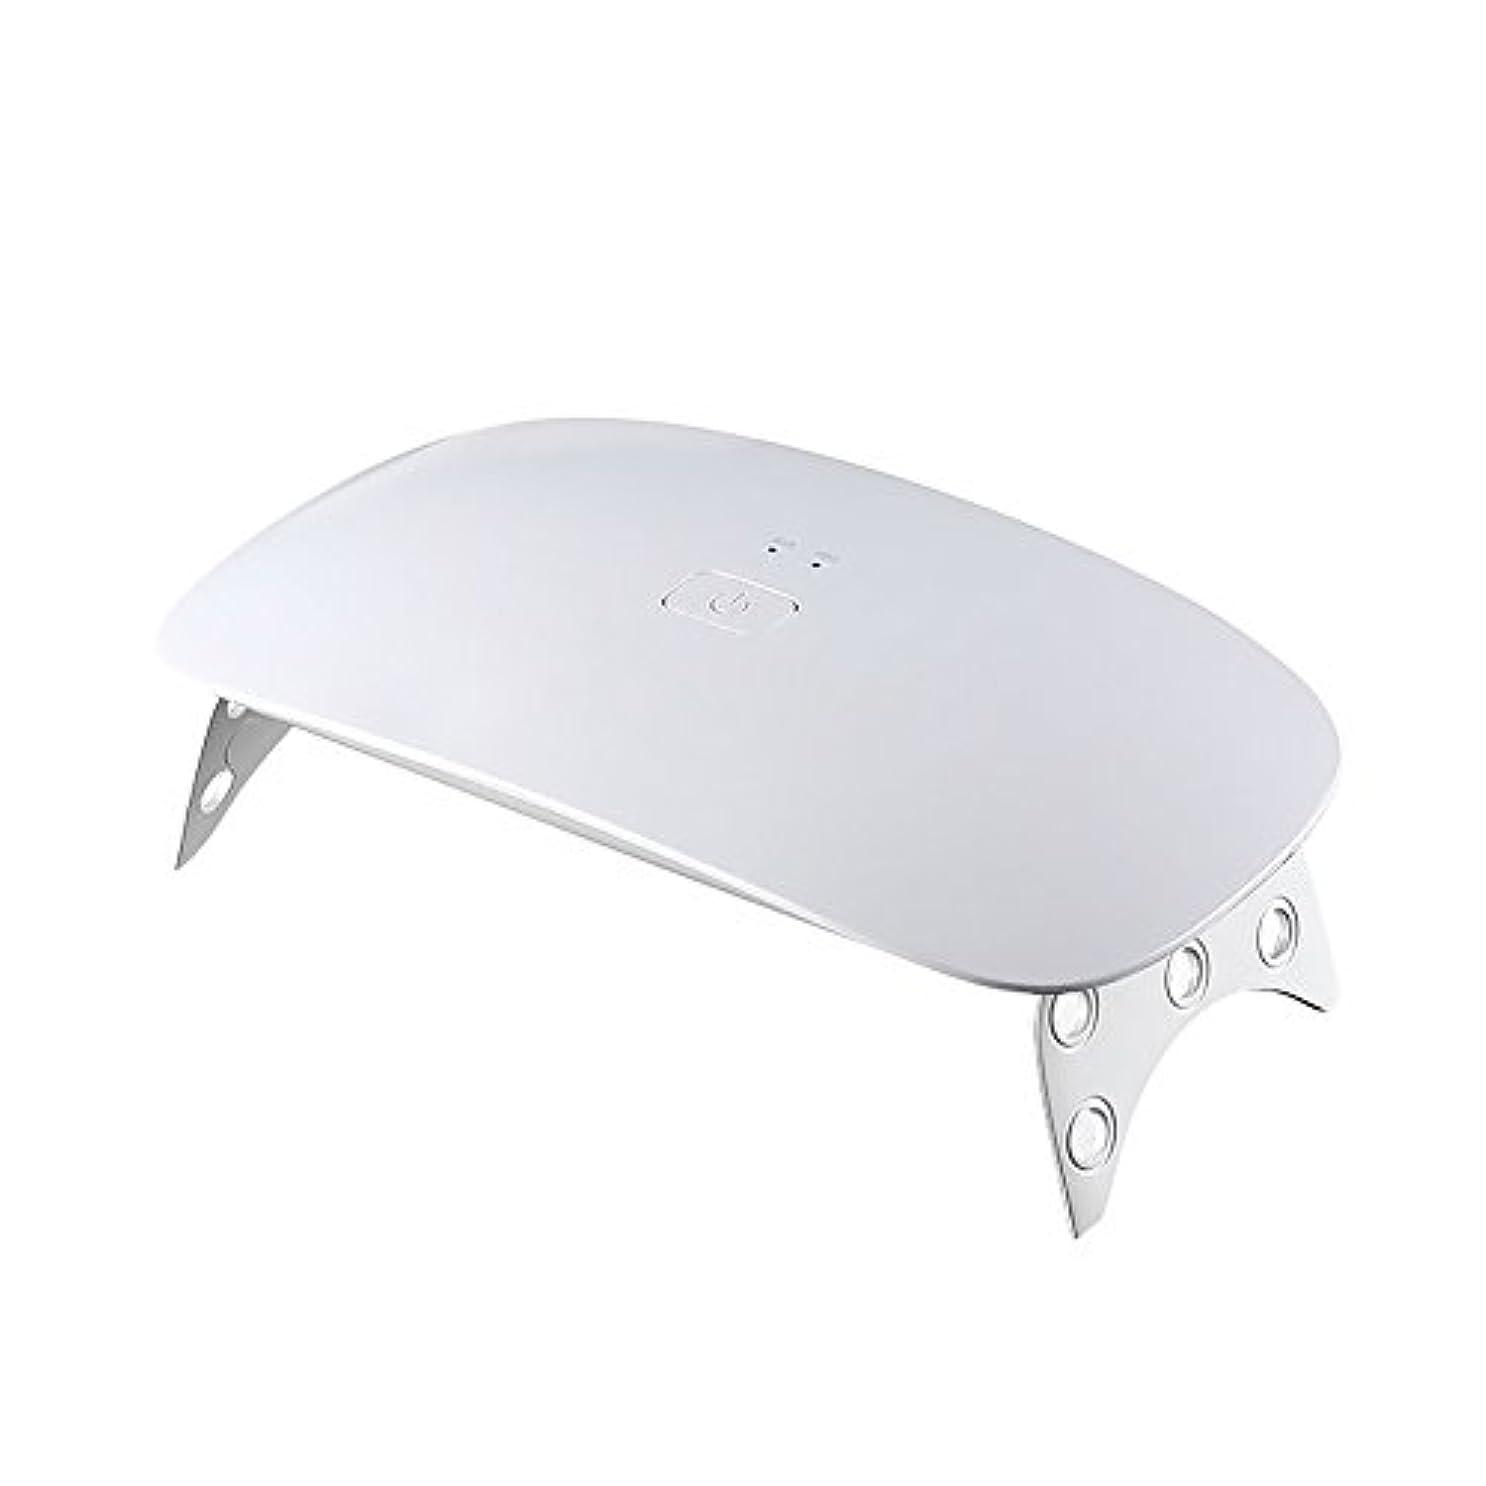 ニックネームワーディアンケース旧正月Ourine ジェルネイルライト LEDネイルドライヤー UVライト ネイルライト 手足両用 速乾 タイマー設定可能 時間設定 180度照射 折りたたみ 携帯便利